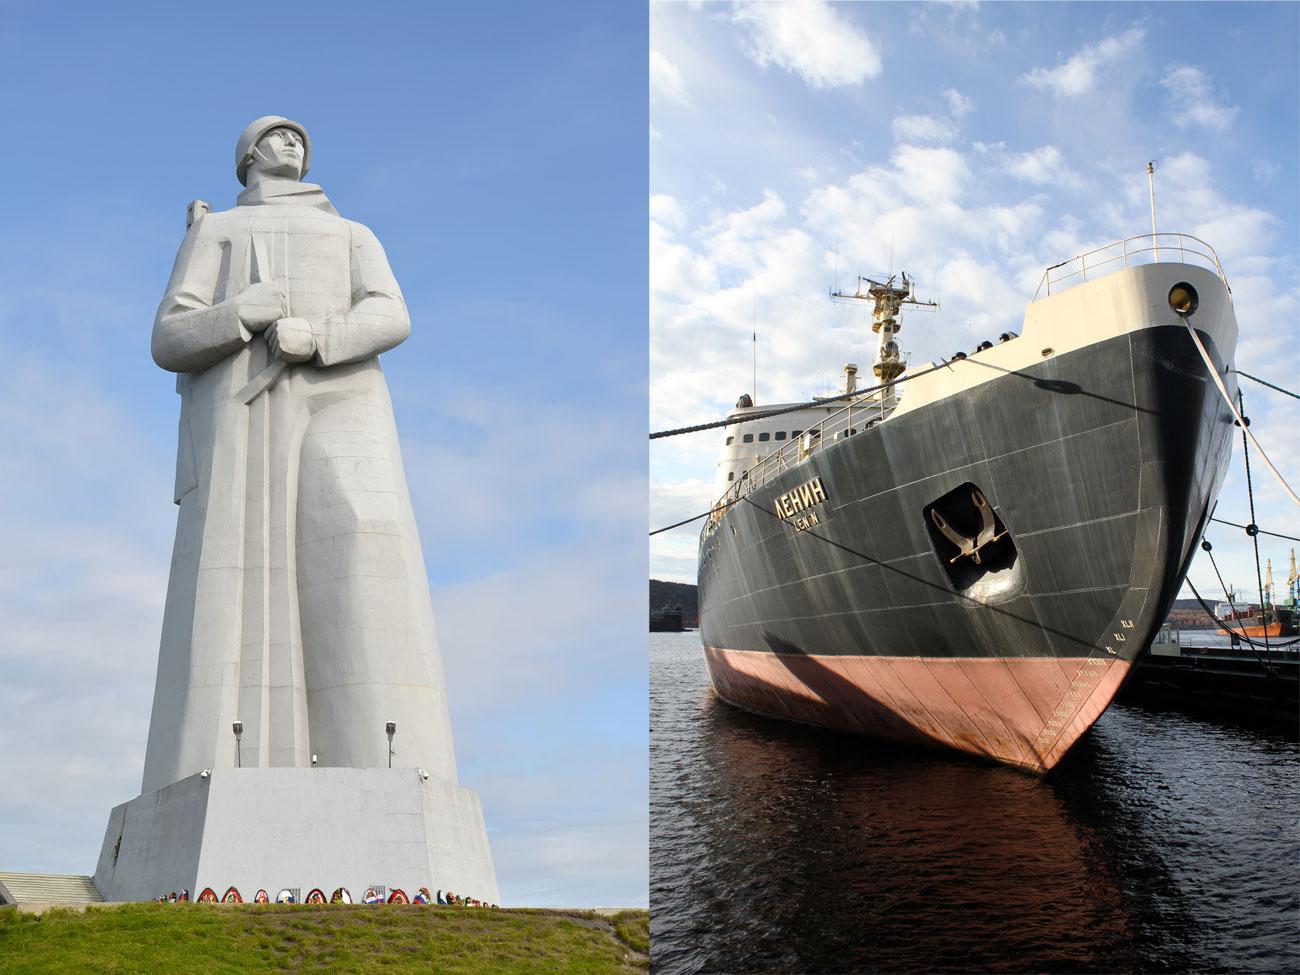 """Мурманск, най-големият град в света северно от Полярния кръг, също е морски център. Нищо чудно, че основните му символи са гигантският ледоразбивач """"Ленин"""" и паметникът """"Альоша"""", който е посветен на съветските войници, моряци и пилоти, сражавали се във Втората световна война."""